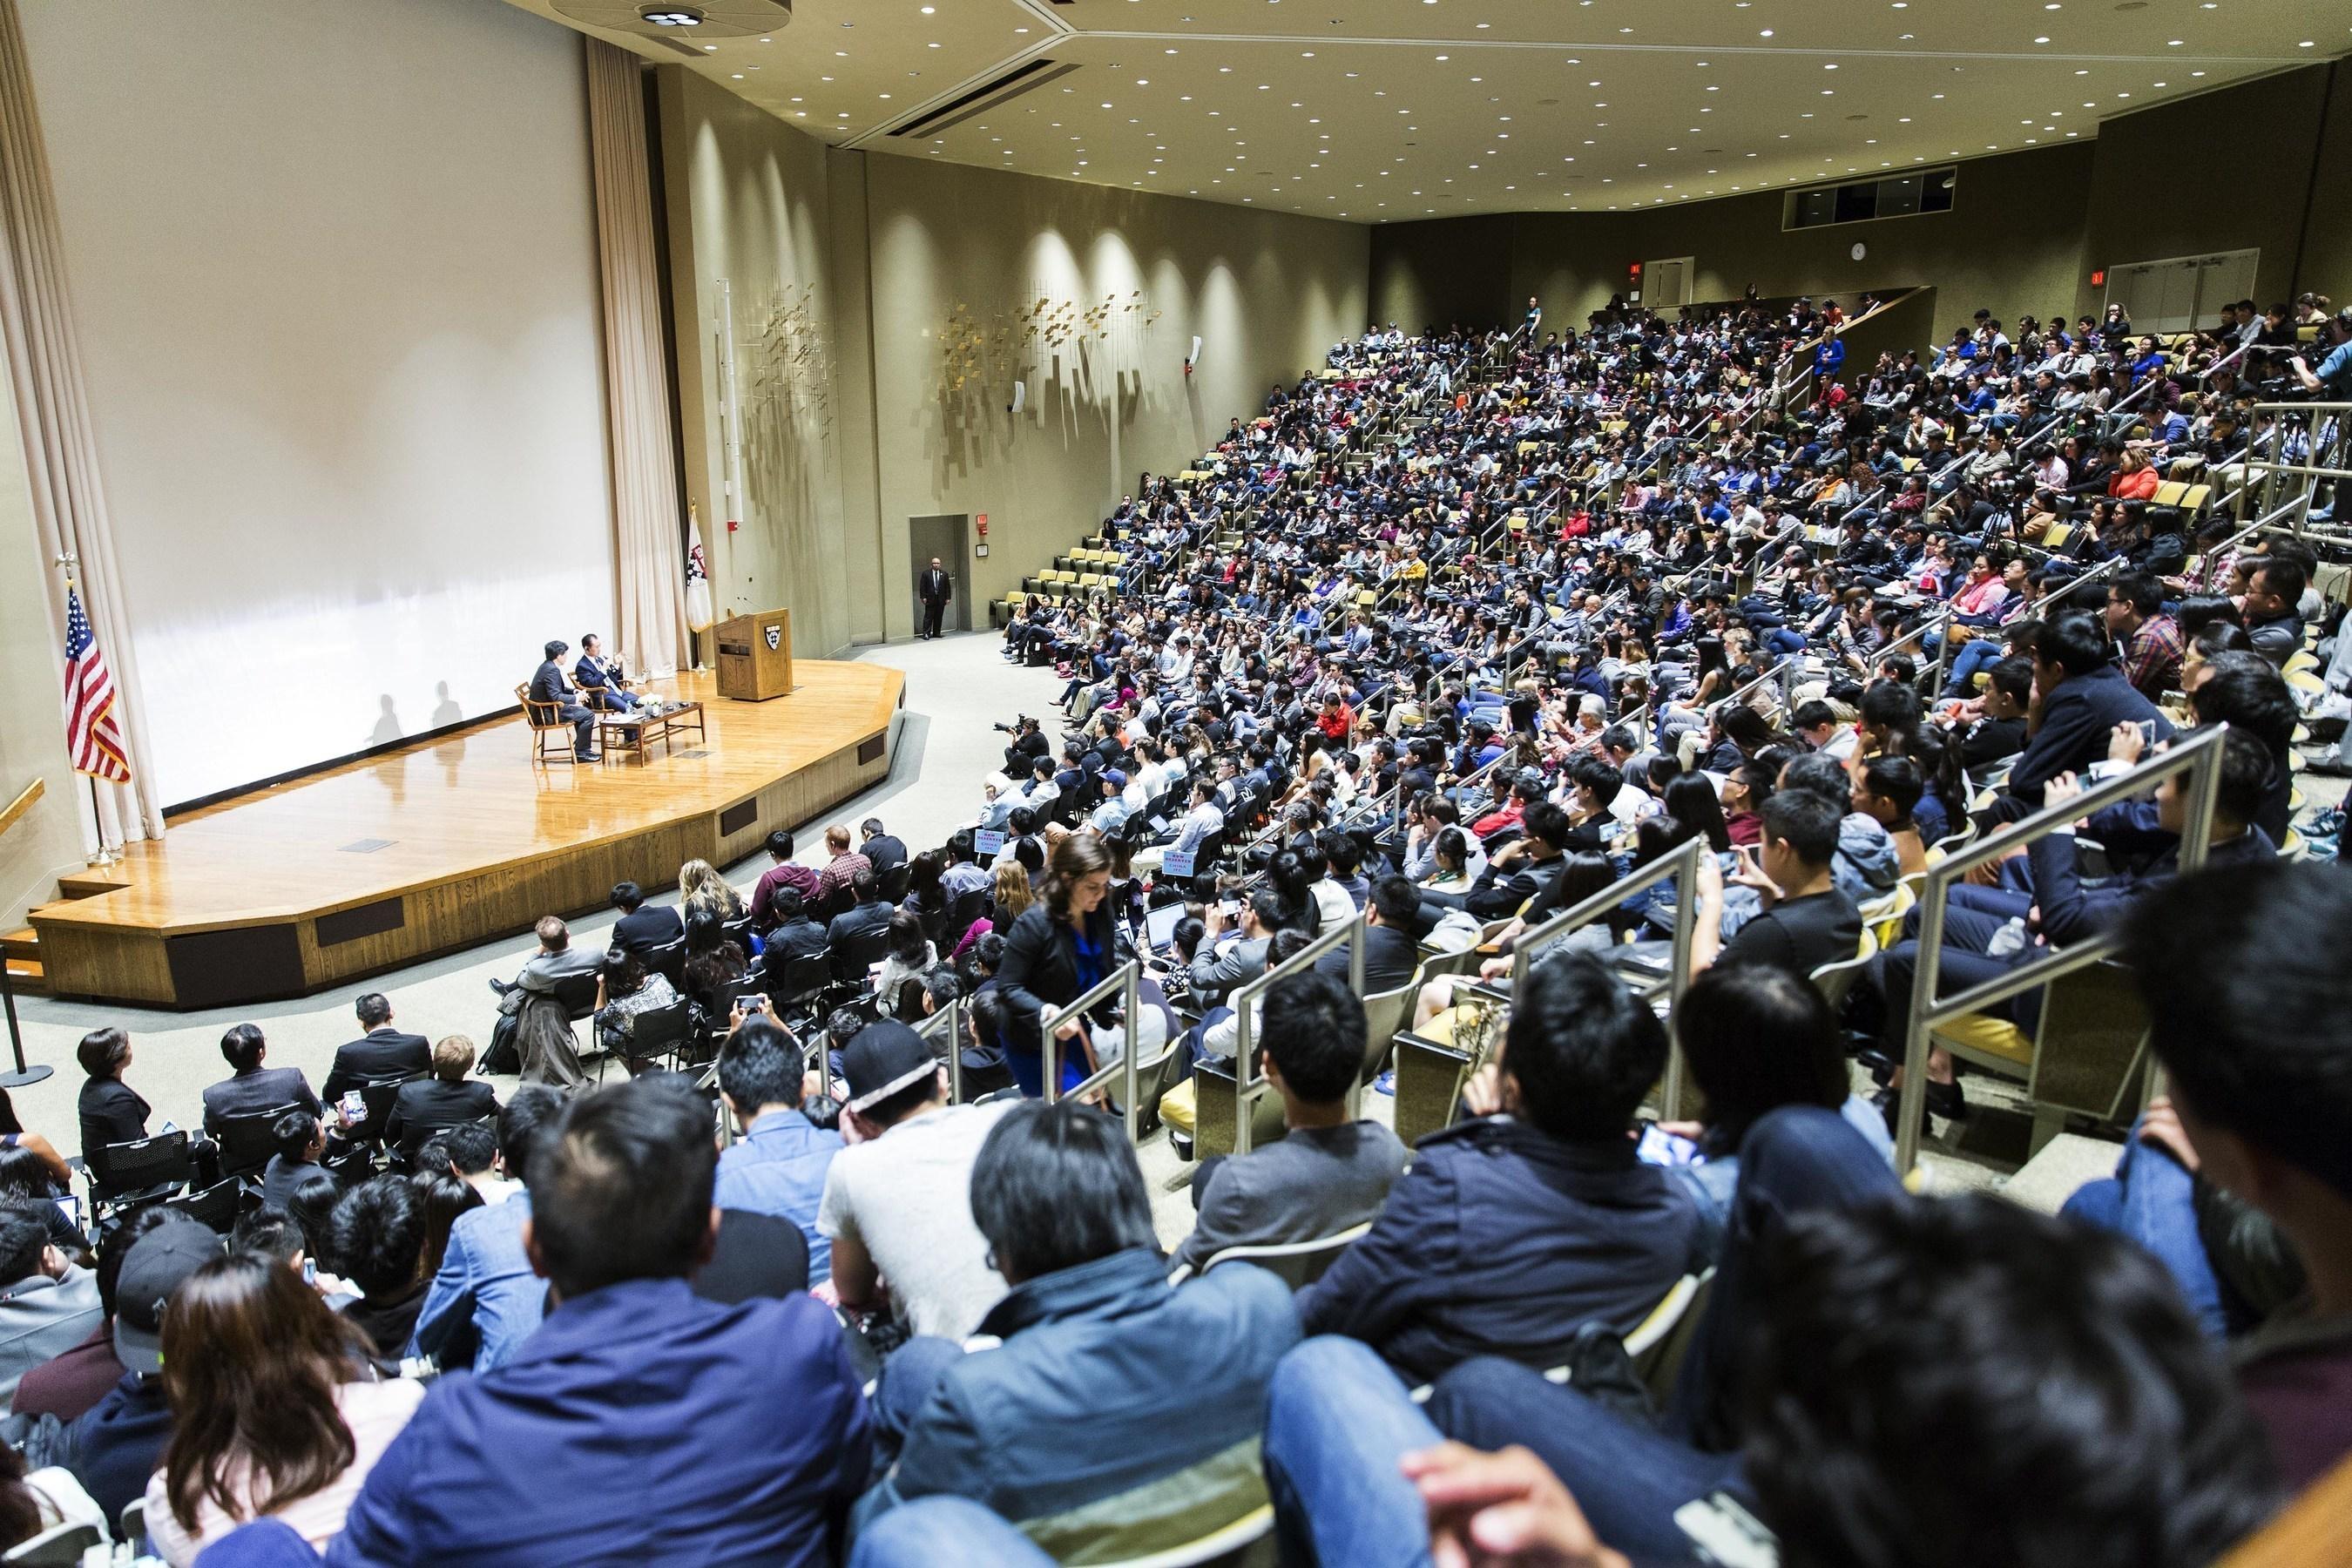 Wanda Dalian Chairman Wang Jianlin Gives a Lecture at Harvard